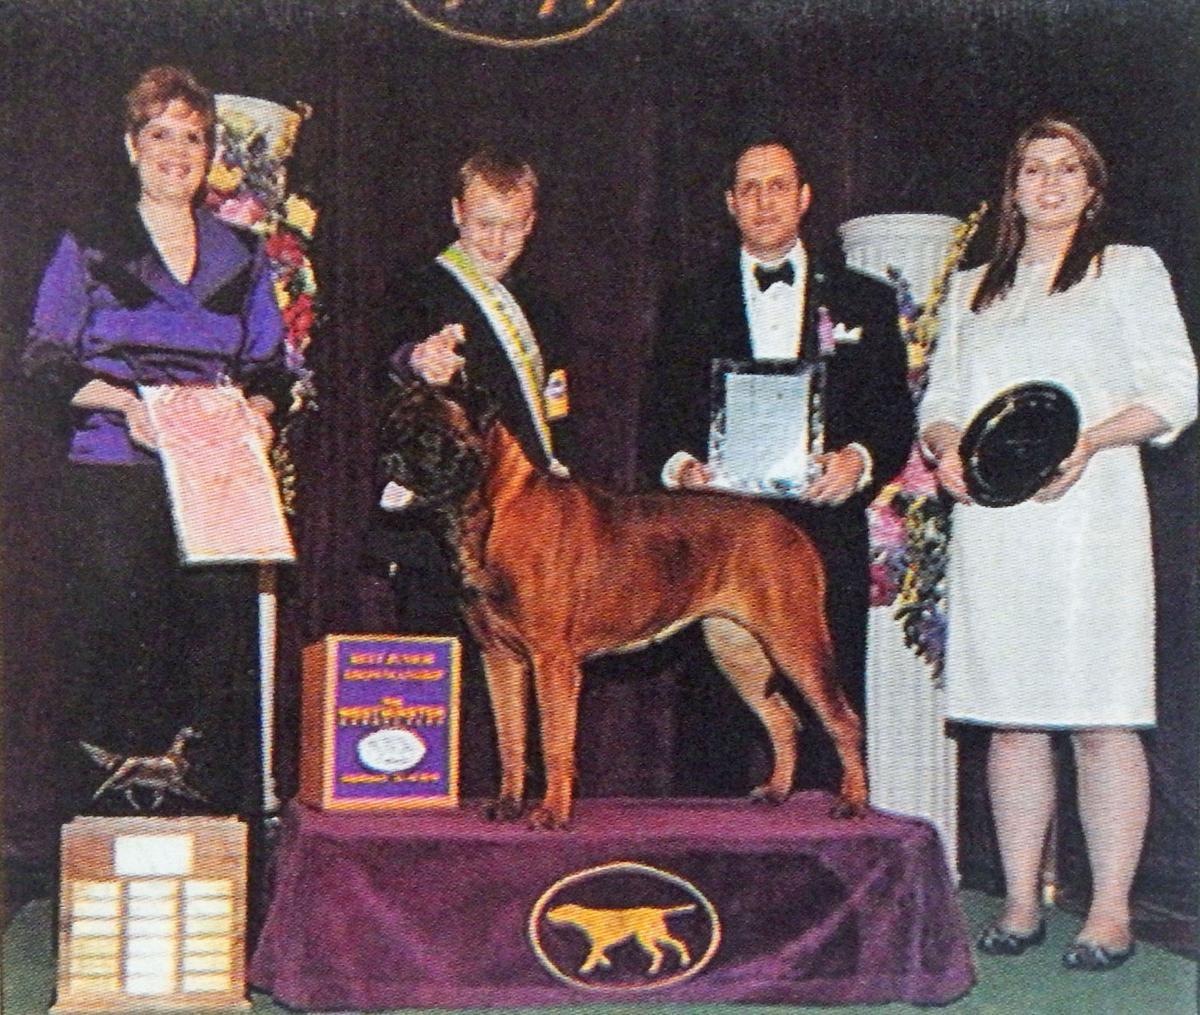 Dog awards